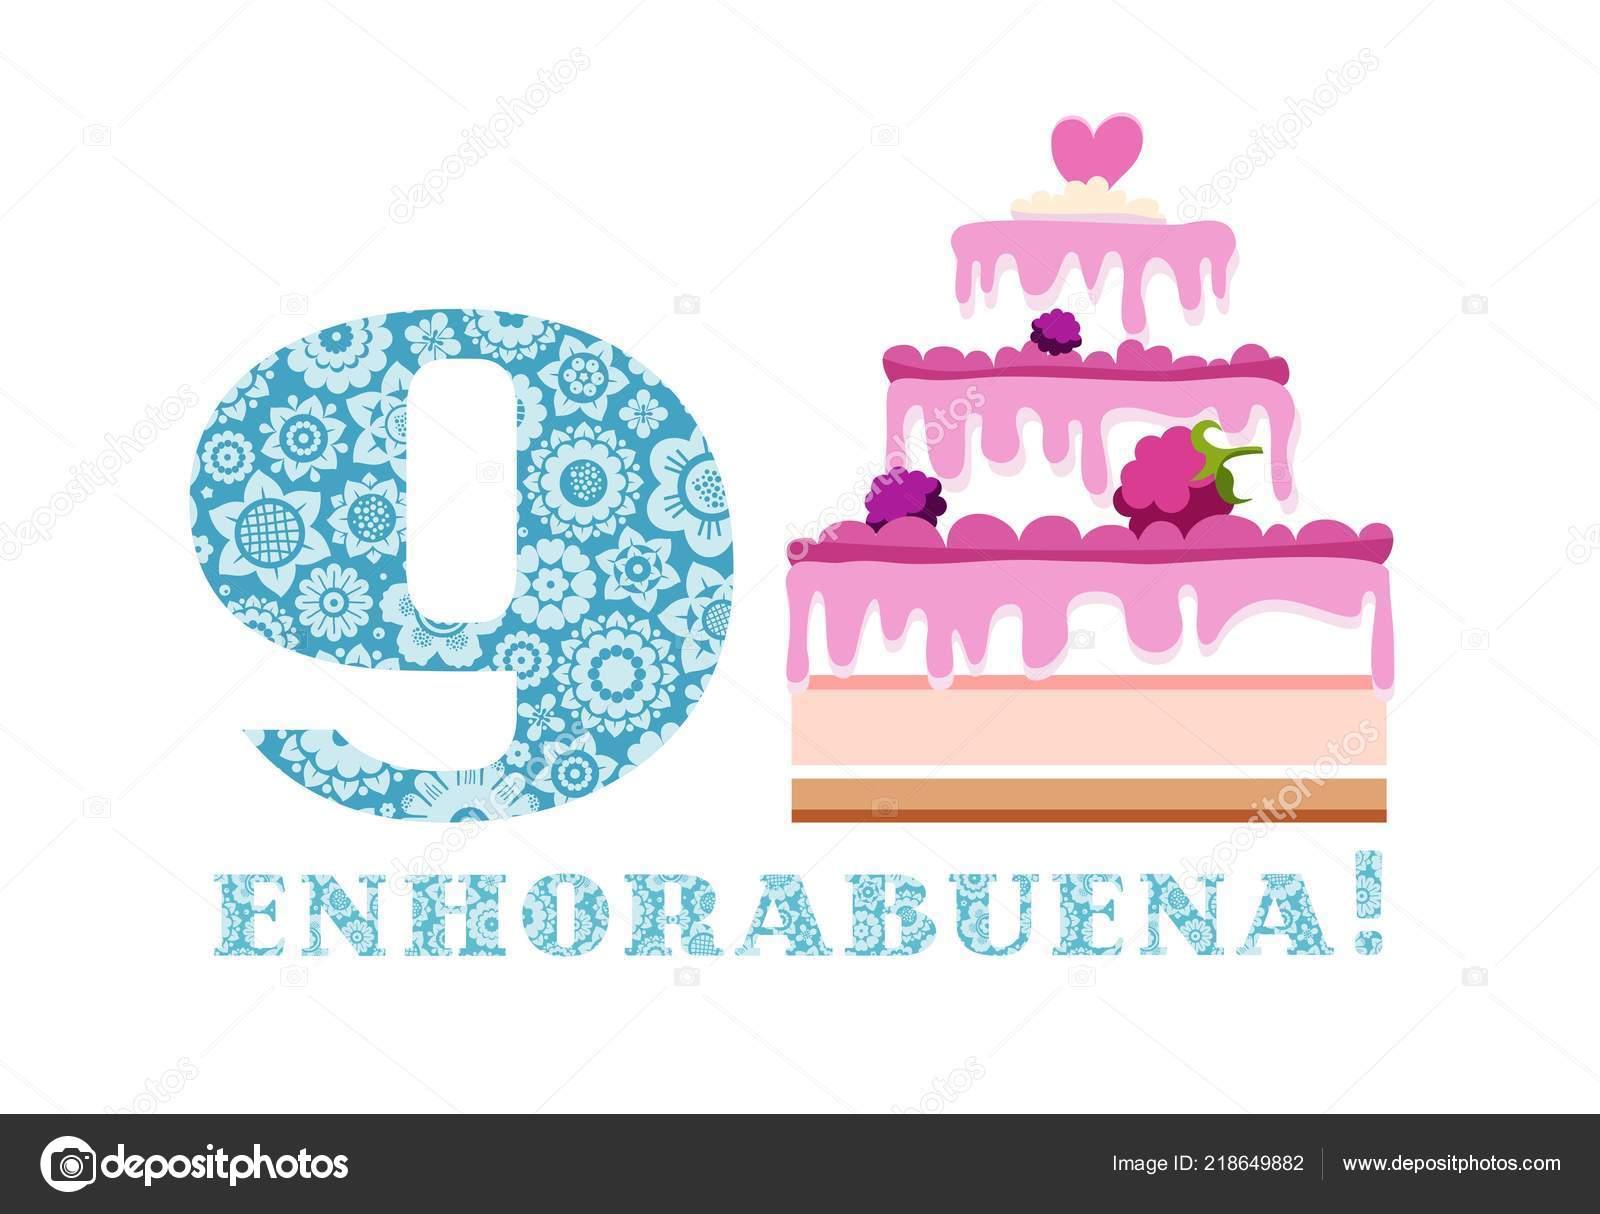 Feliz Aniversario En Espanol: Saludos Aniversario Años Pastel Vector Azul Español Blanco